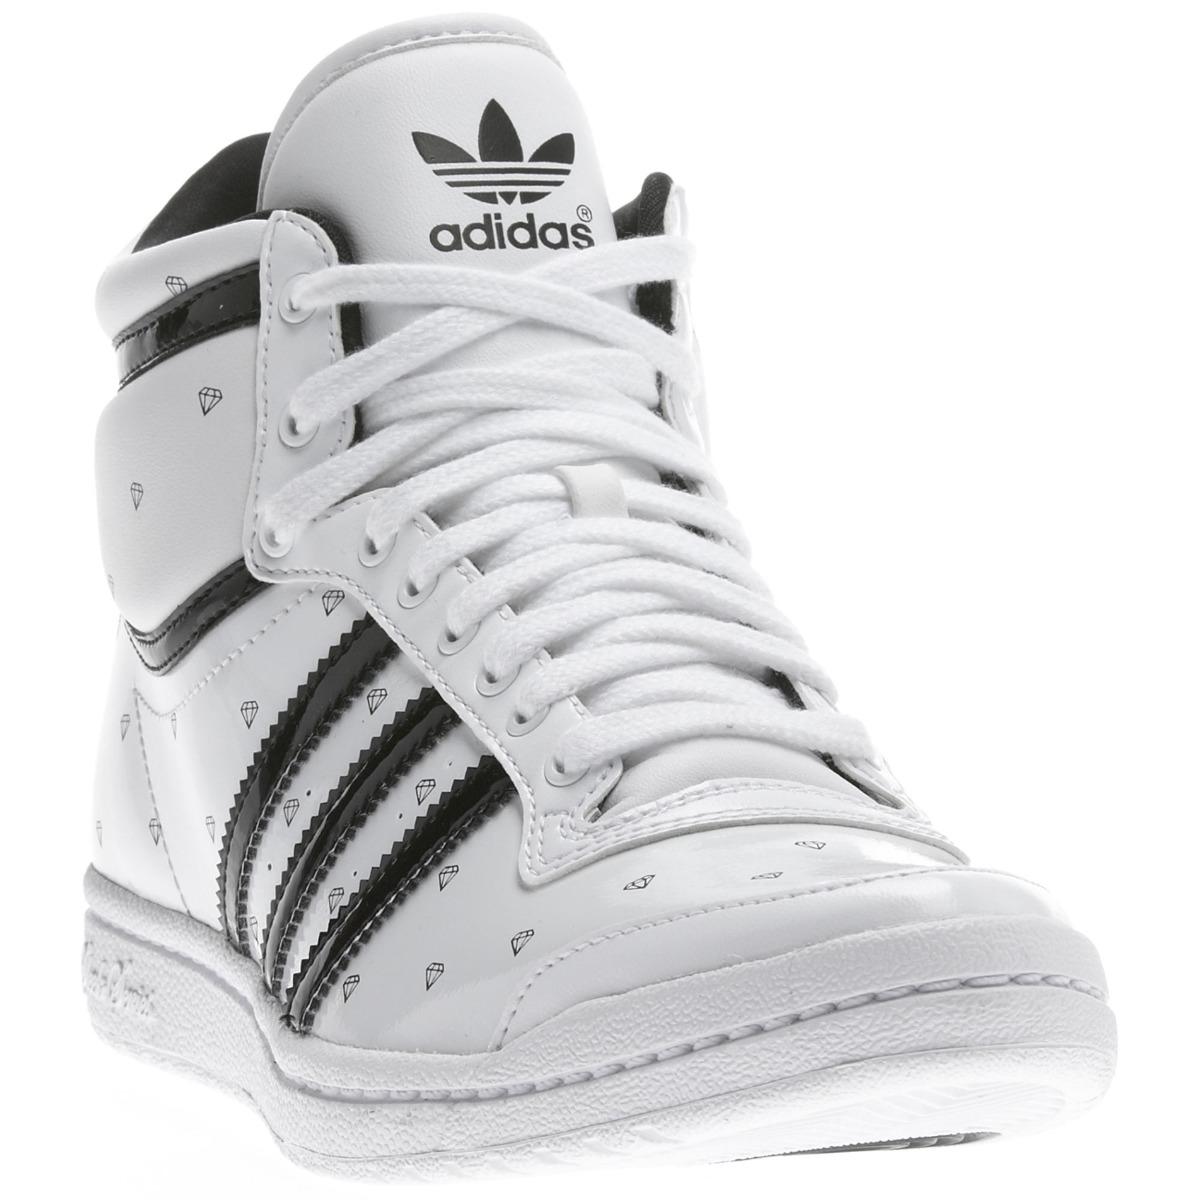 zapatillas nike adidas hombre